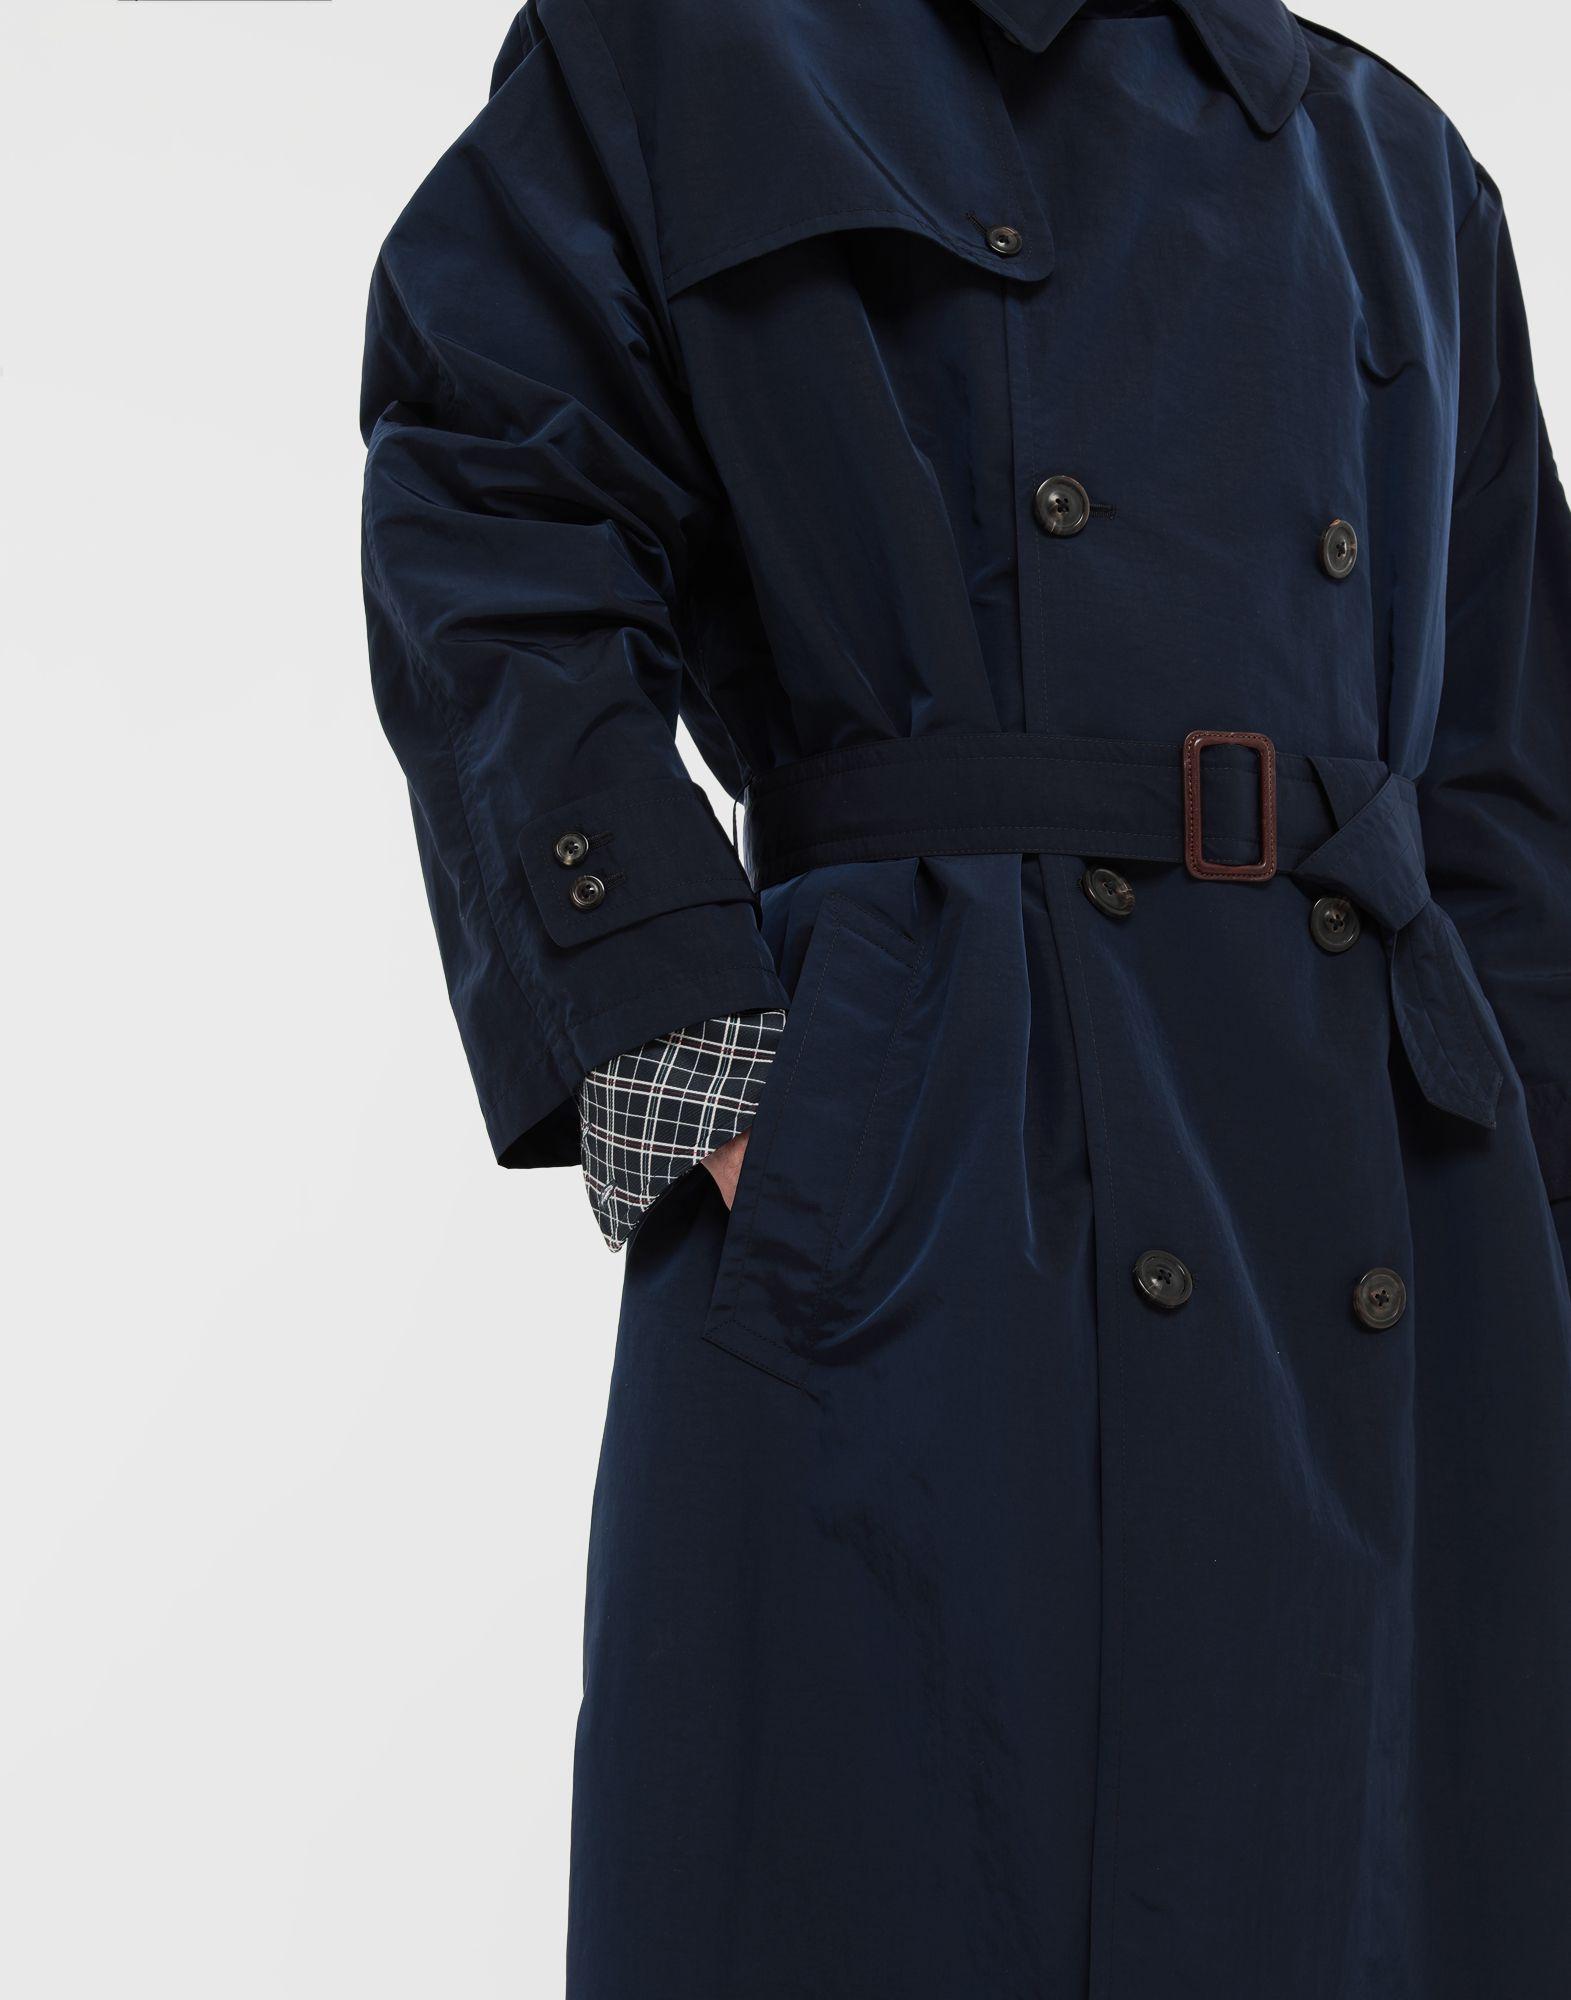 MAISON MARGIELA Manteau à chemise intégrée en nylon tonique Pardessus Homme b